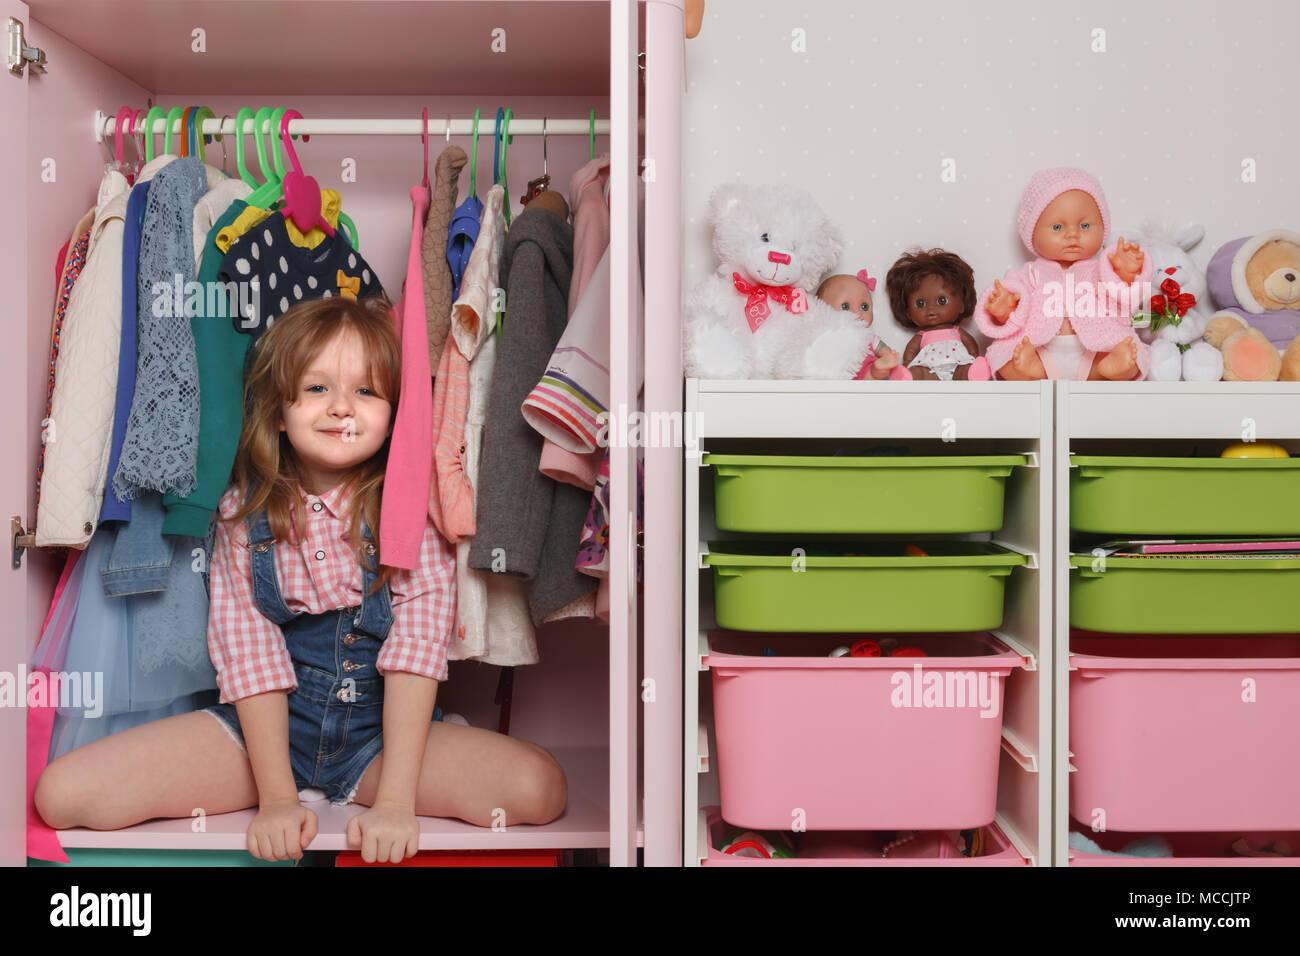 Una niña pequeña está sentada en un armario con un departamento de niños. Sistema de almacenamiento para cosas de niños y juguetes Imagen De Stock